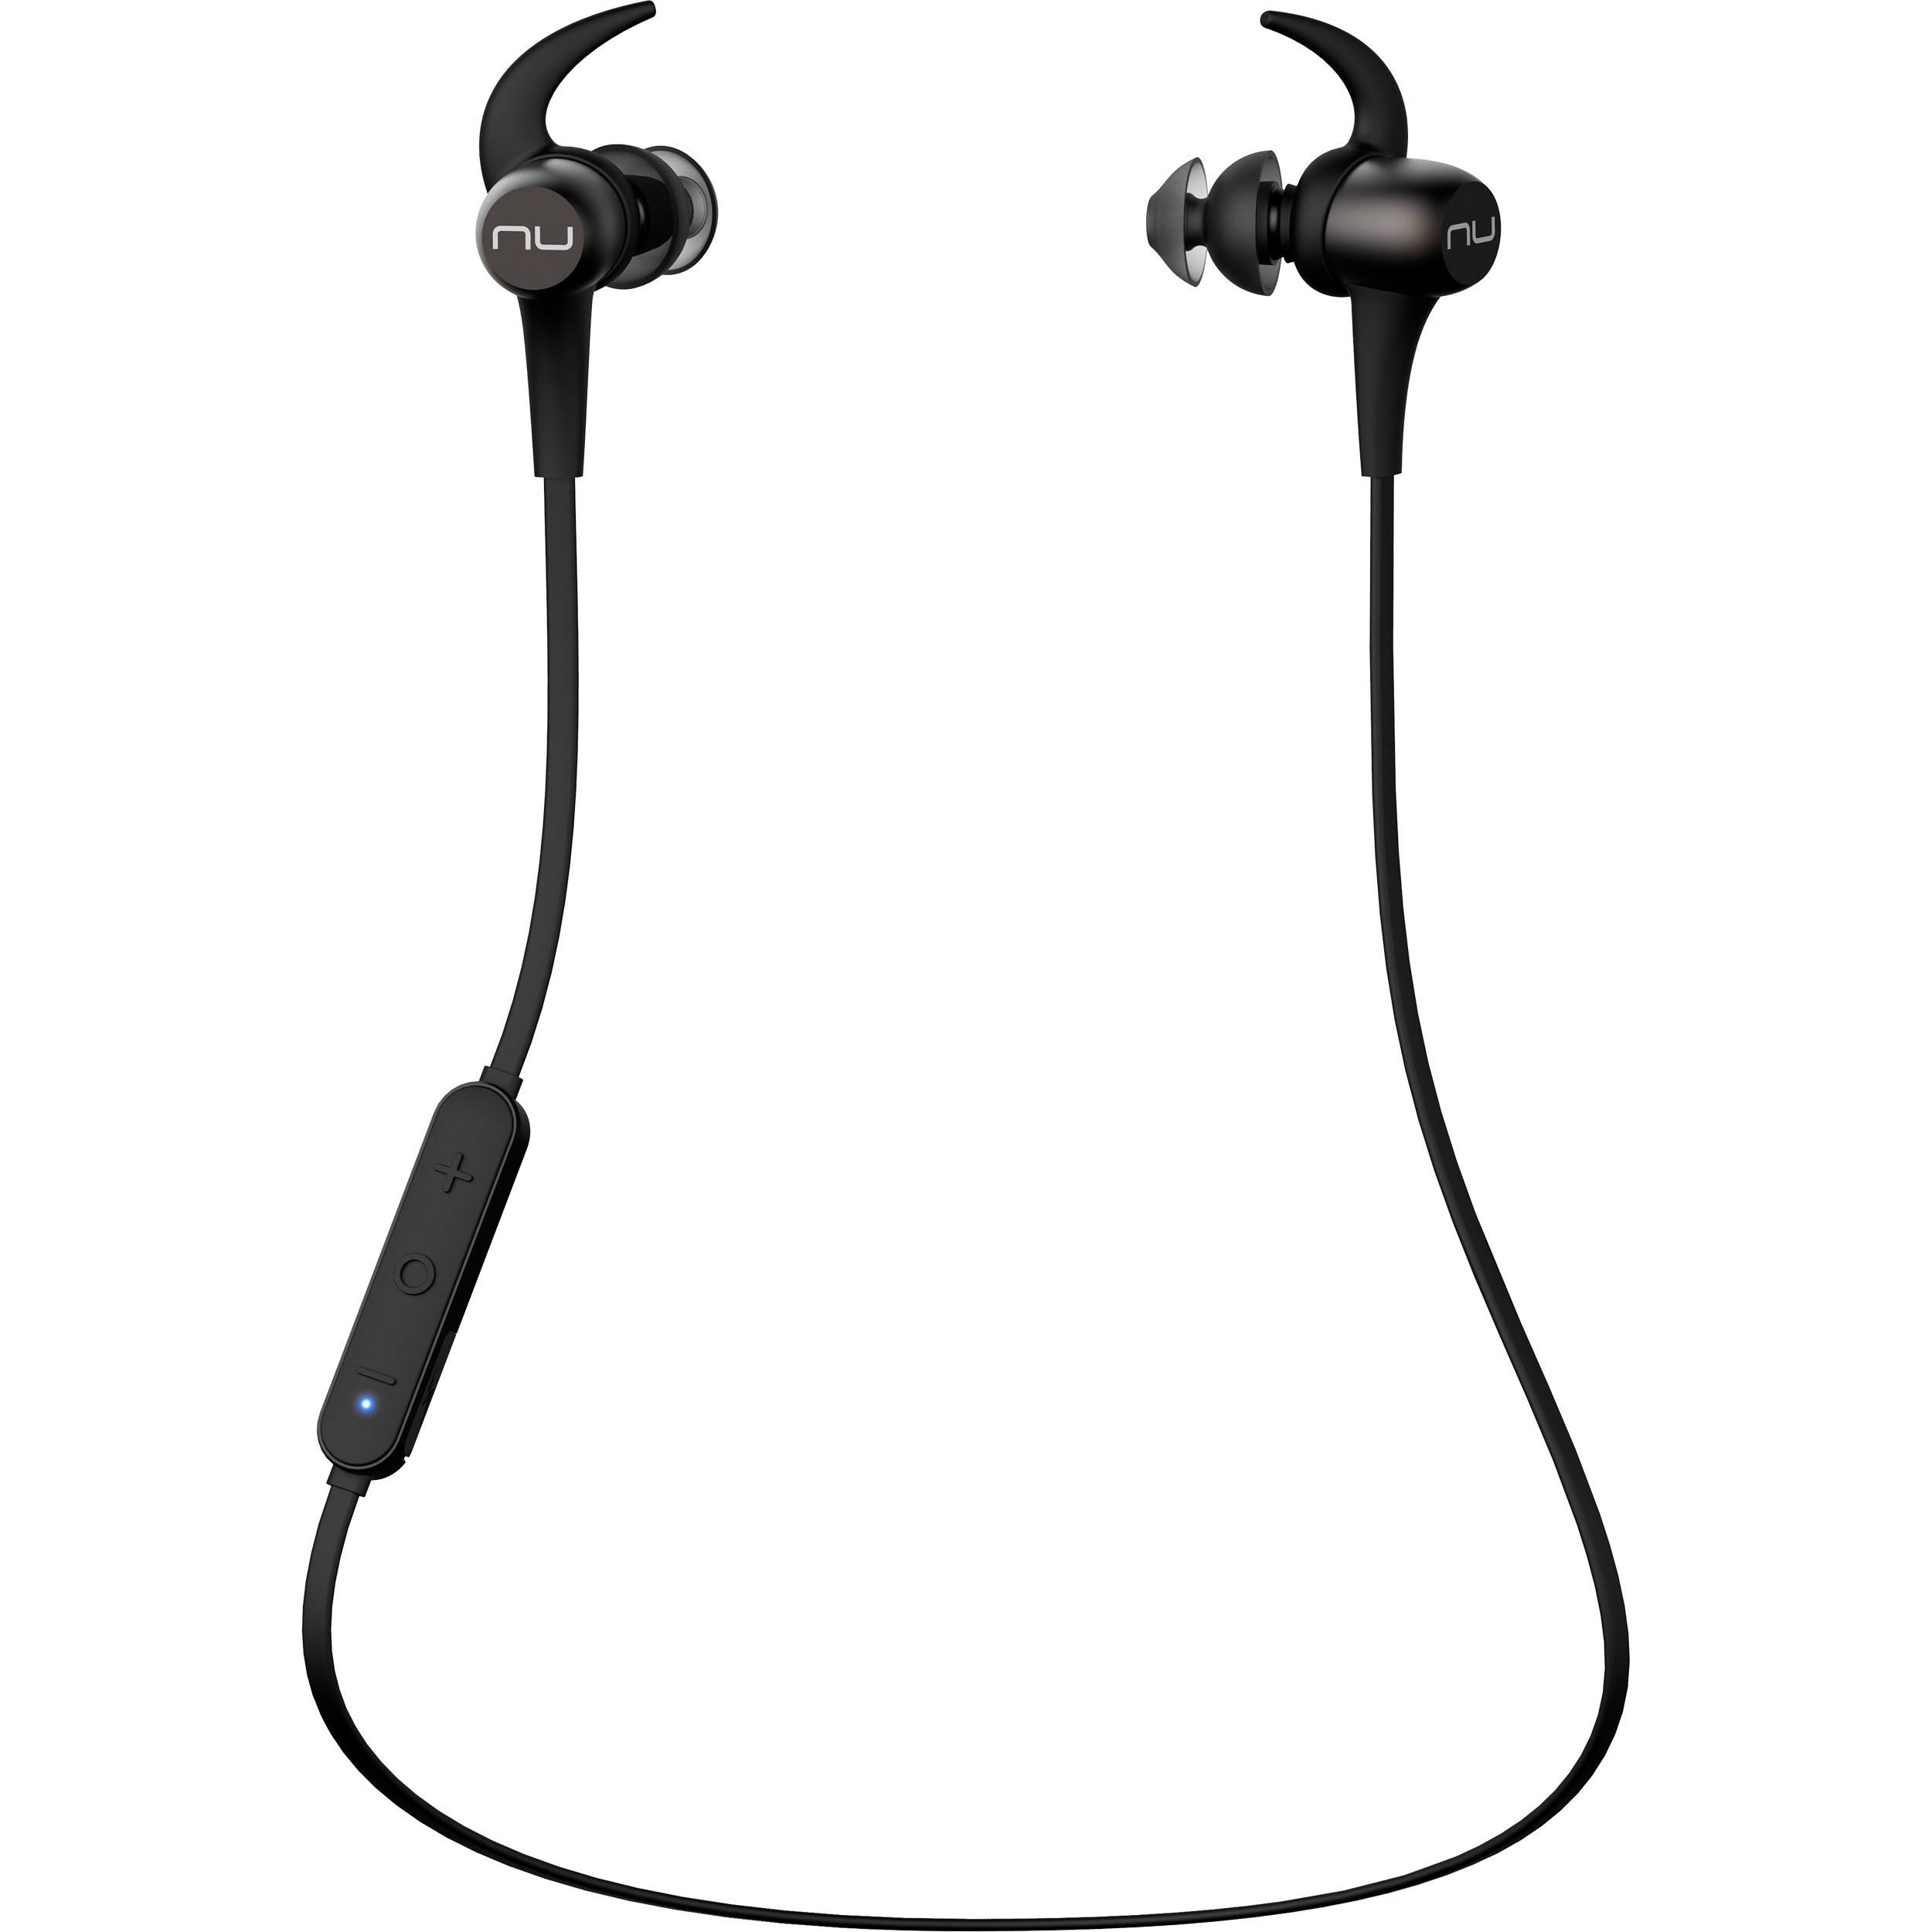 3870125ebec NuForce BE Sport3 Wireless In-Ear Sports BESPORT3-GUNMETAL B&H